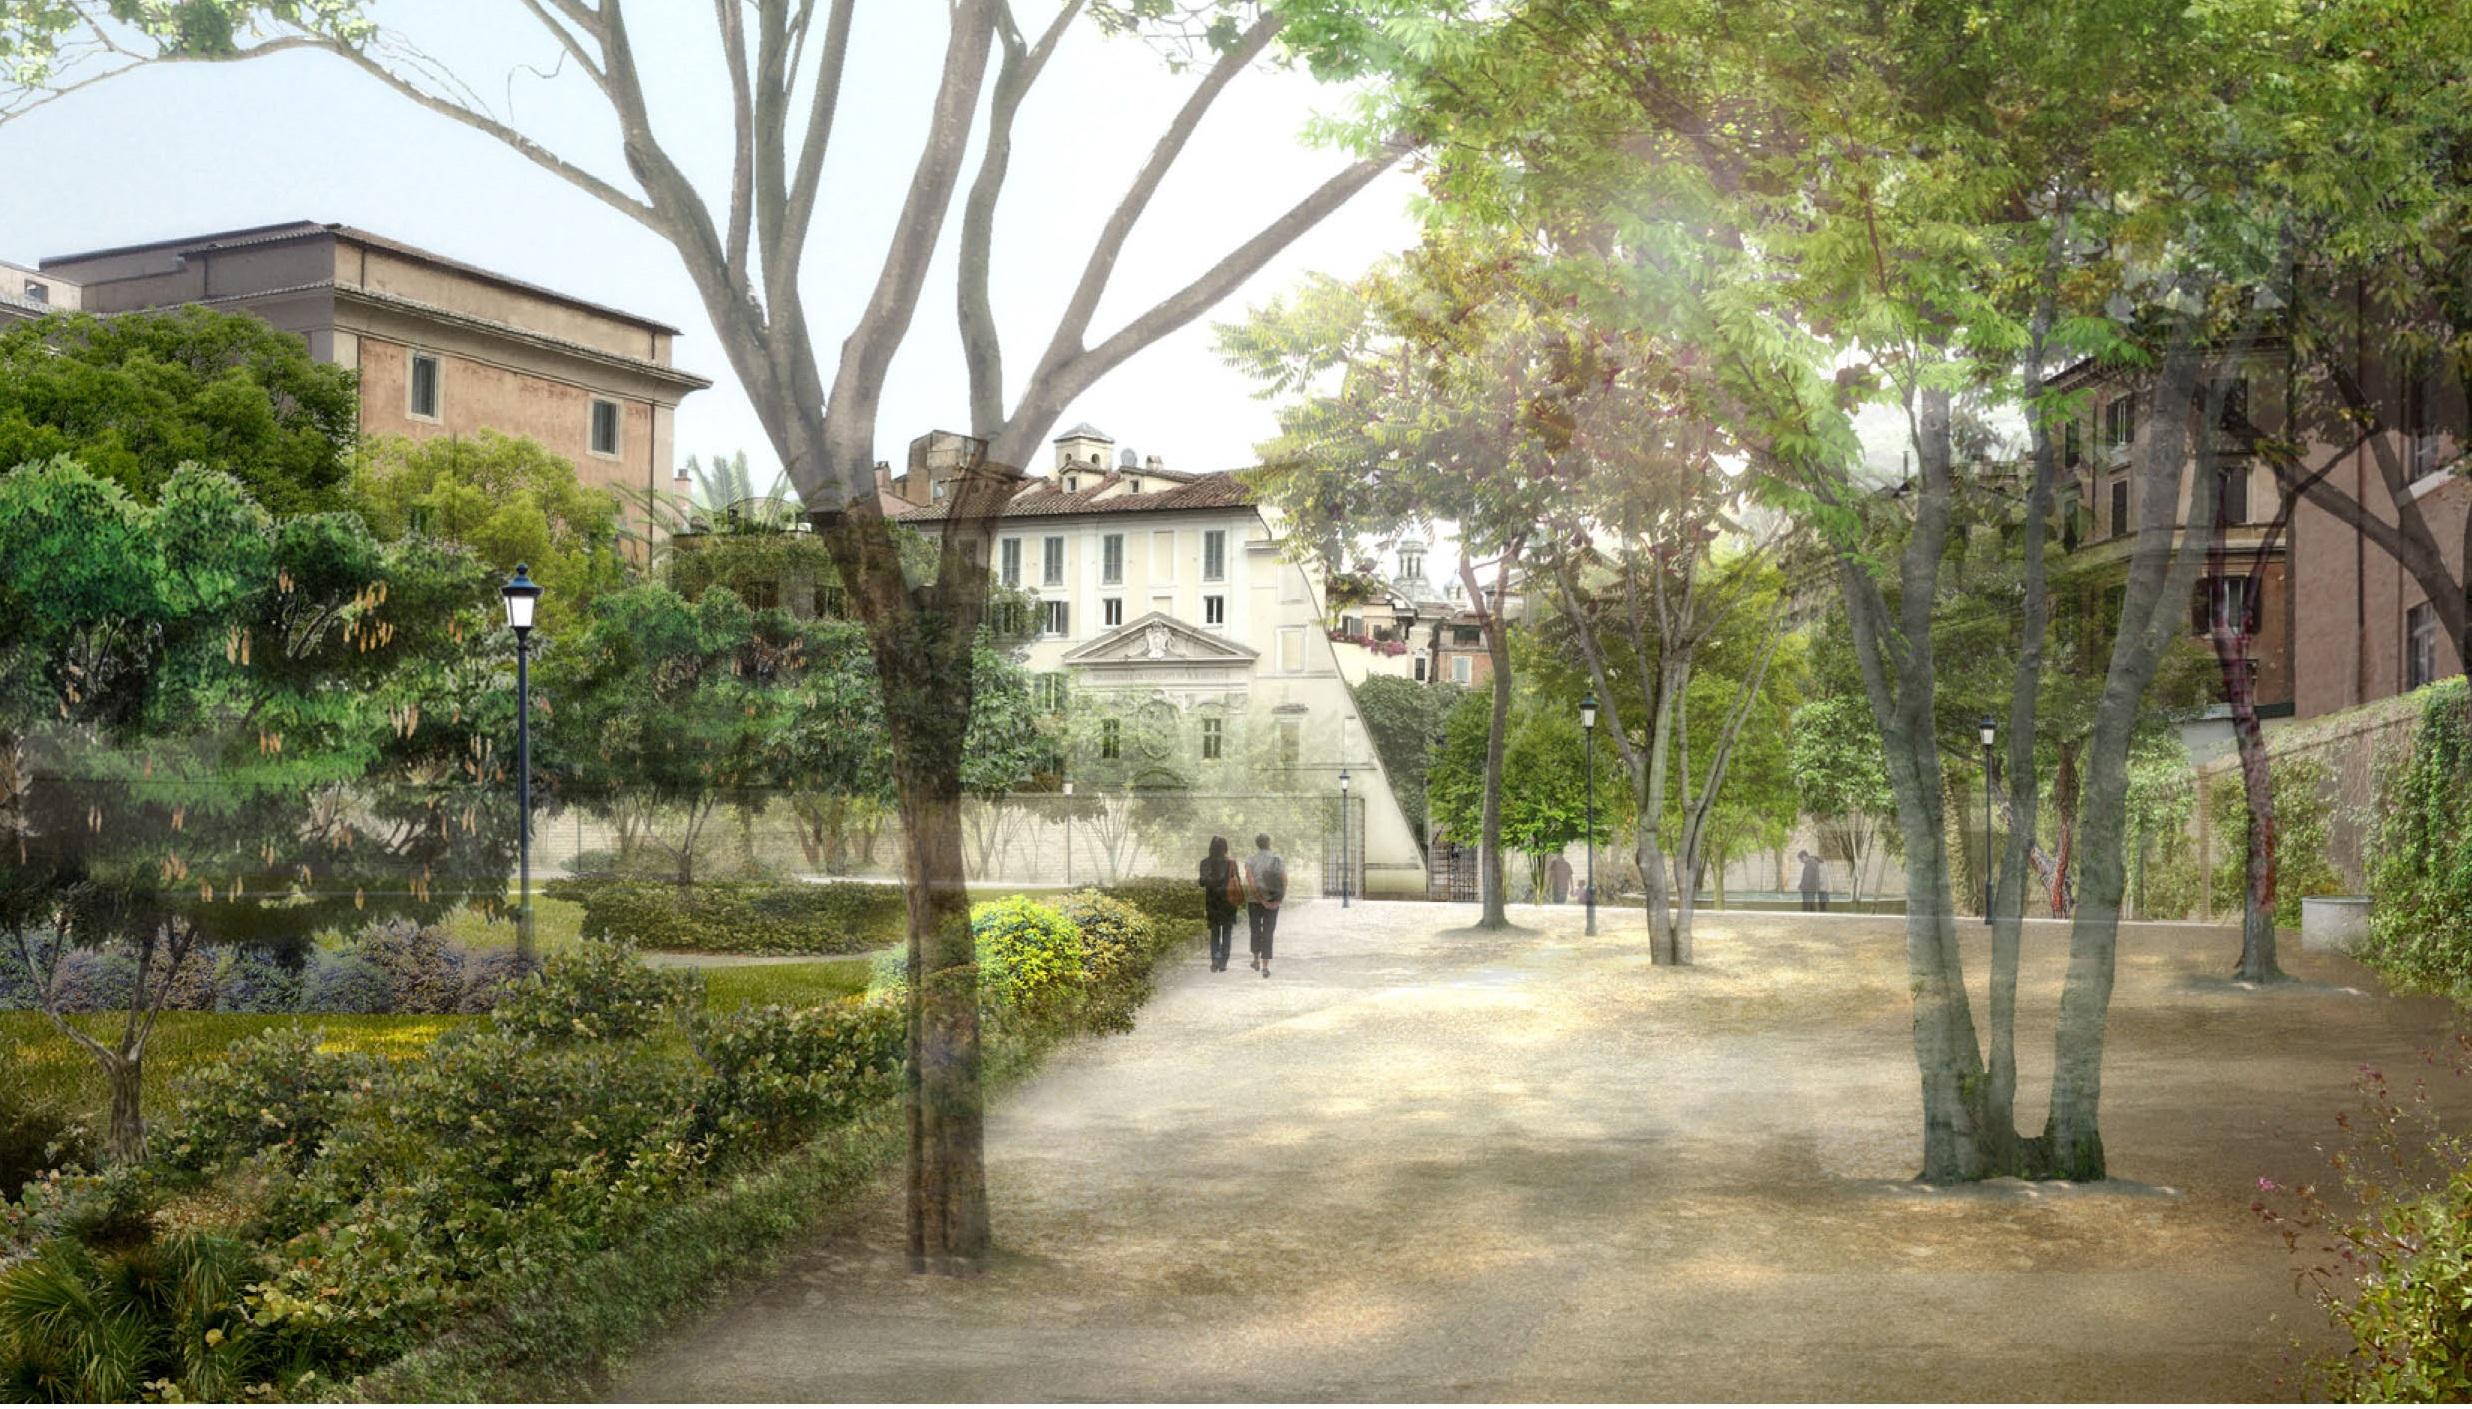 Presentazione del progetto per un giardino pubblico a via - Progetto per giardino ...